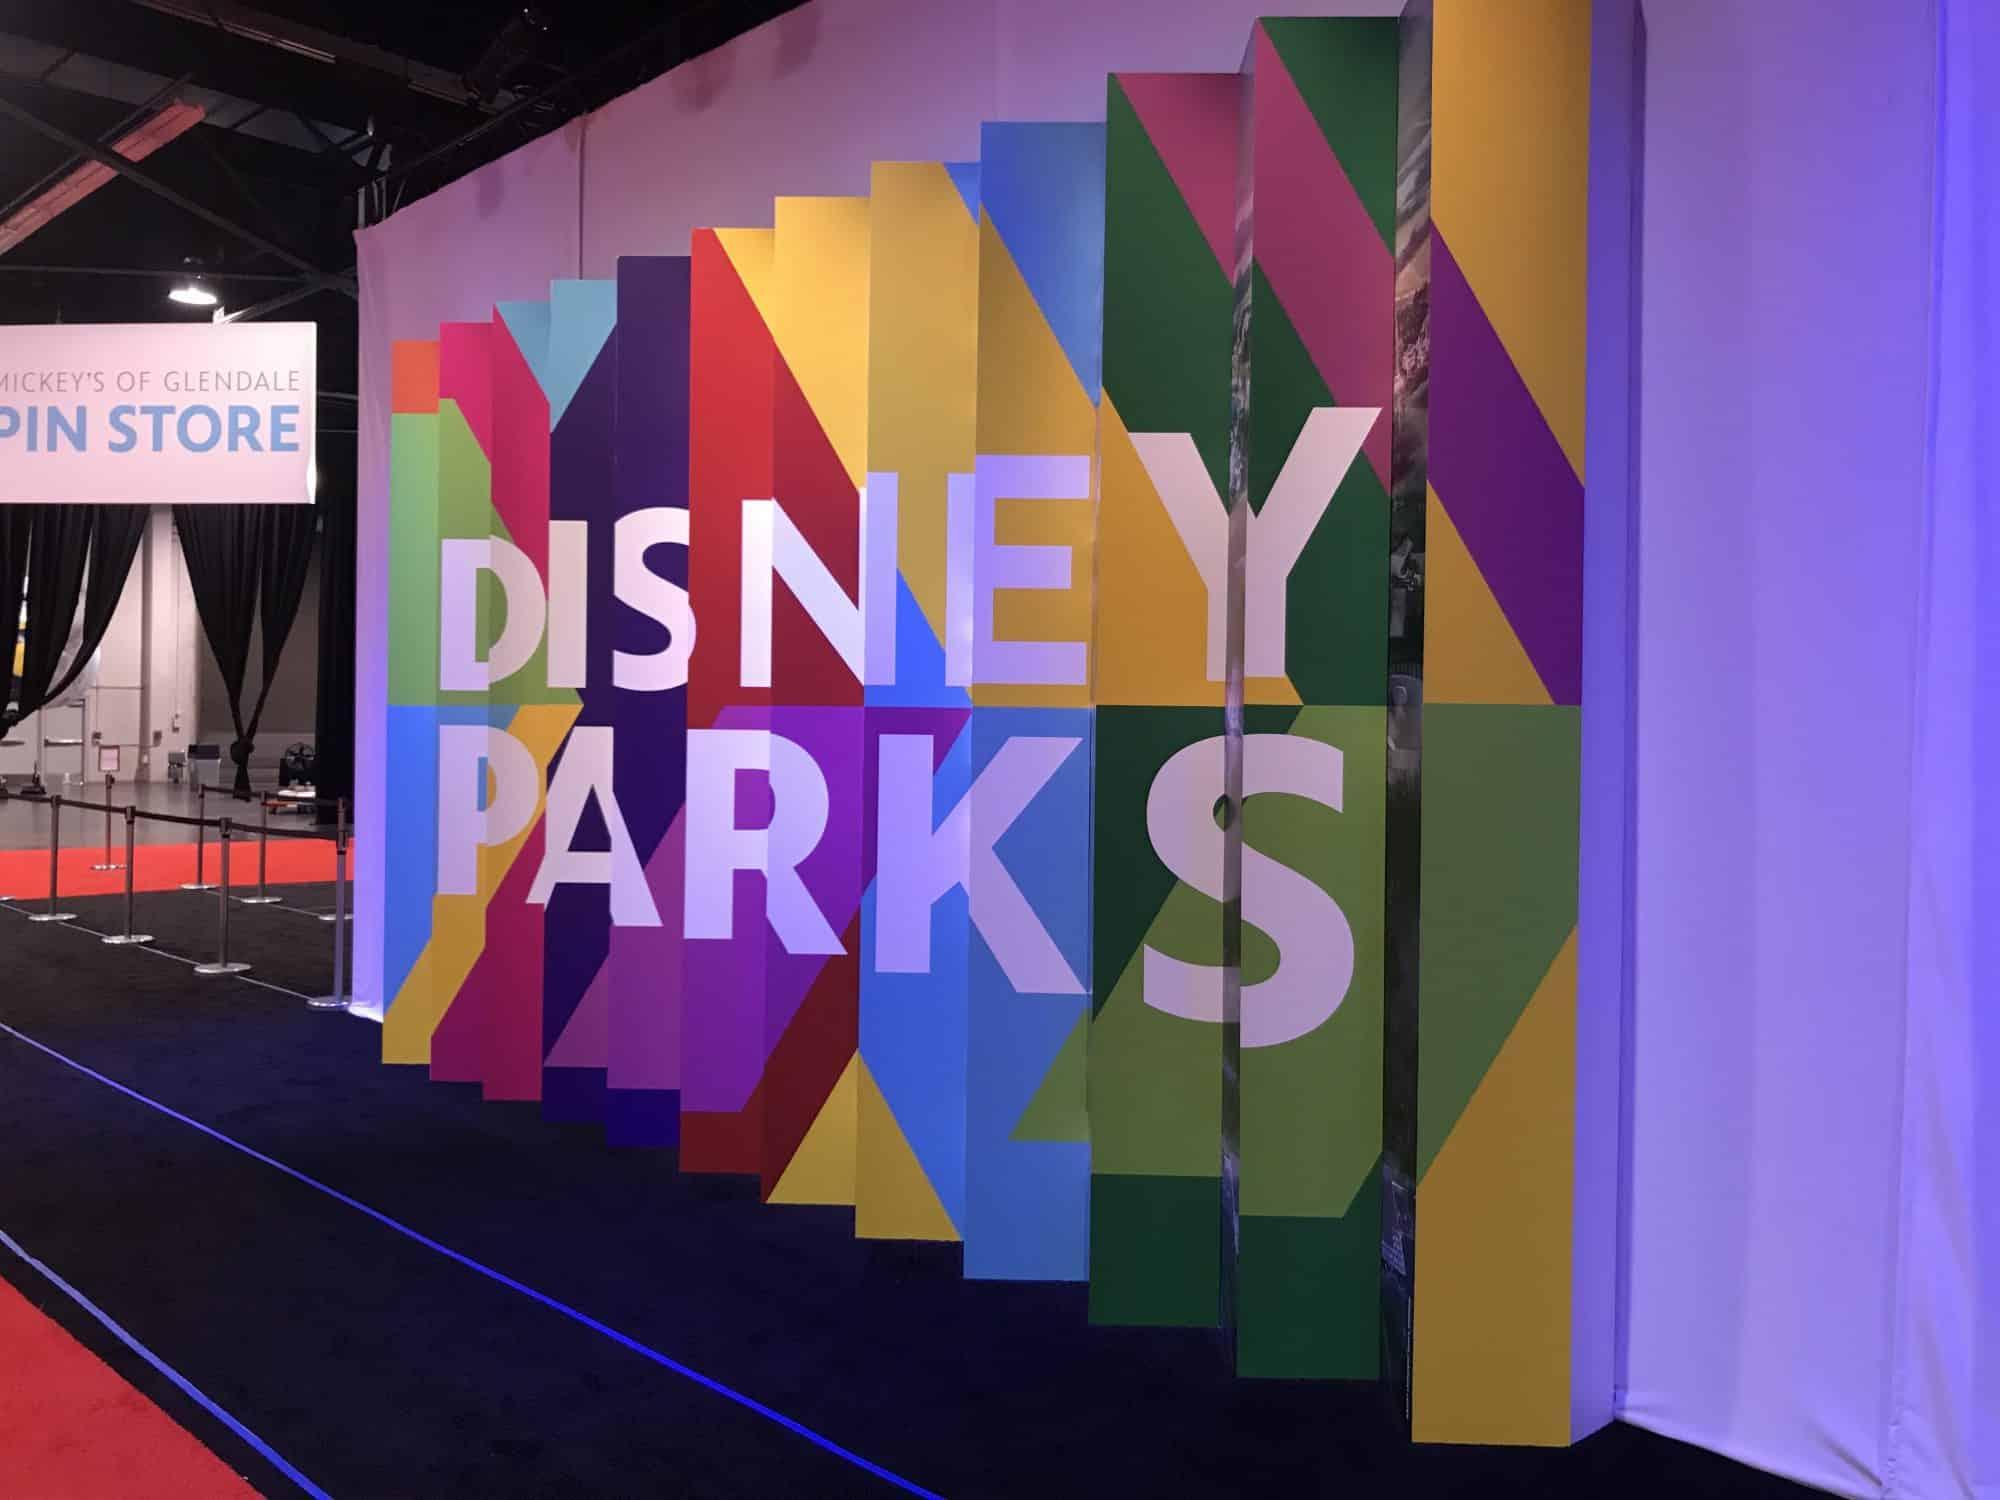 Disney Parks Pavilion D23 Expo 2019